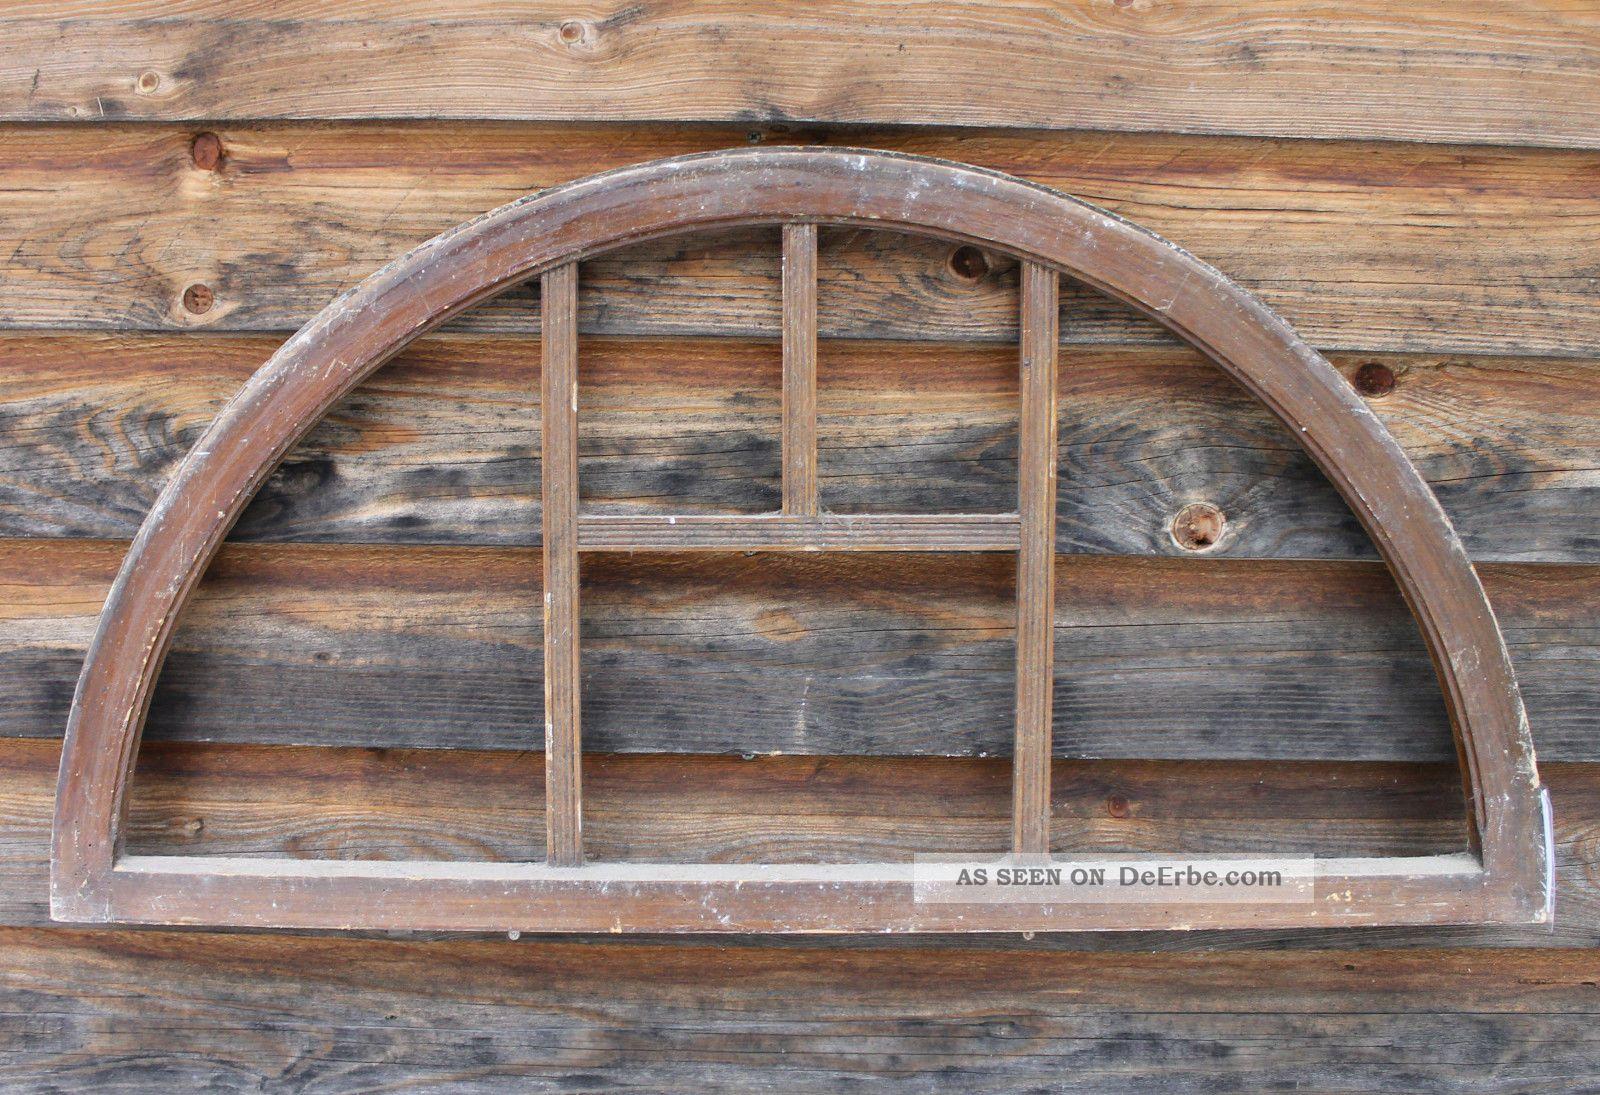 antikes altes rundbogenfenster oberlicht holz fenster fotorahmen landhaus deko 1. Black Bedroom Furniture Sets. Home Design Ideas